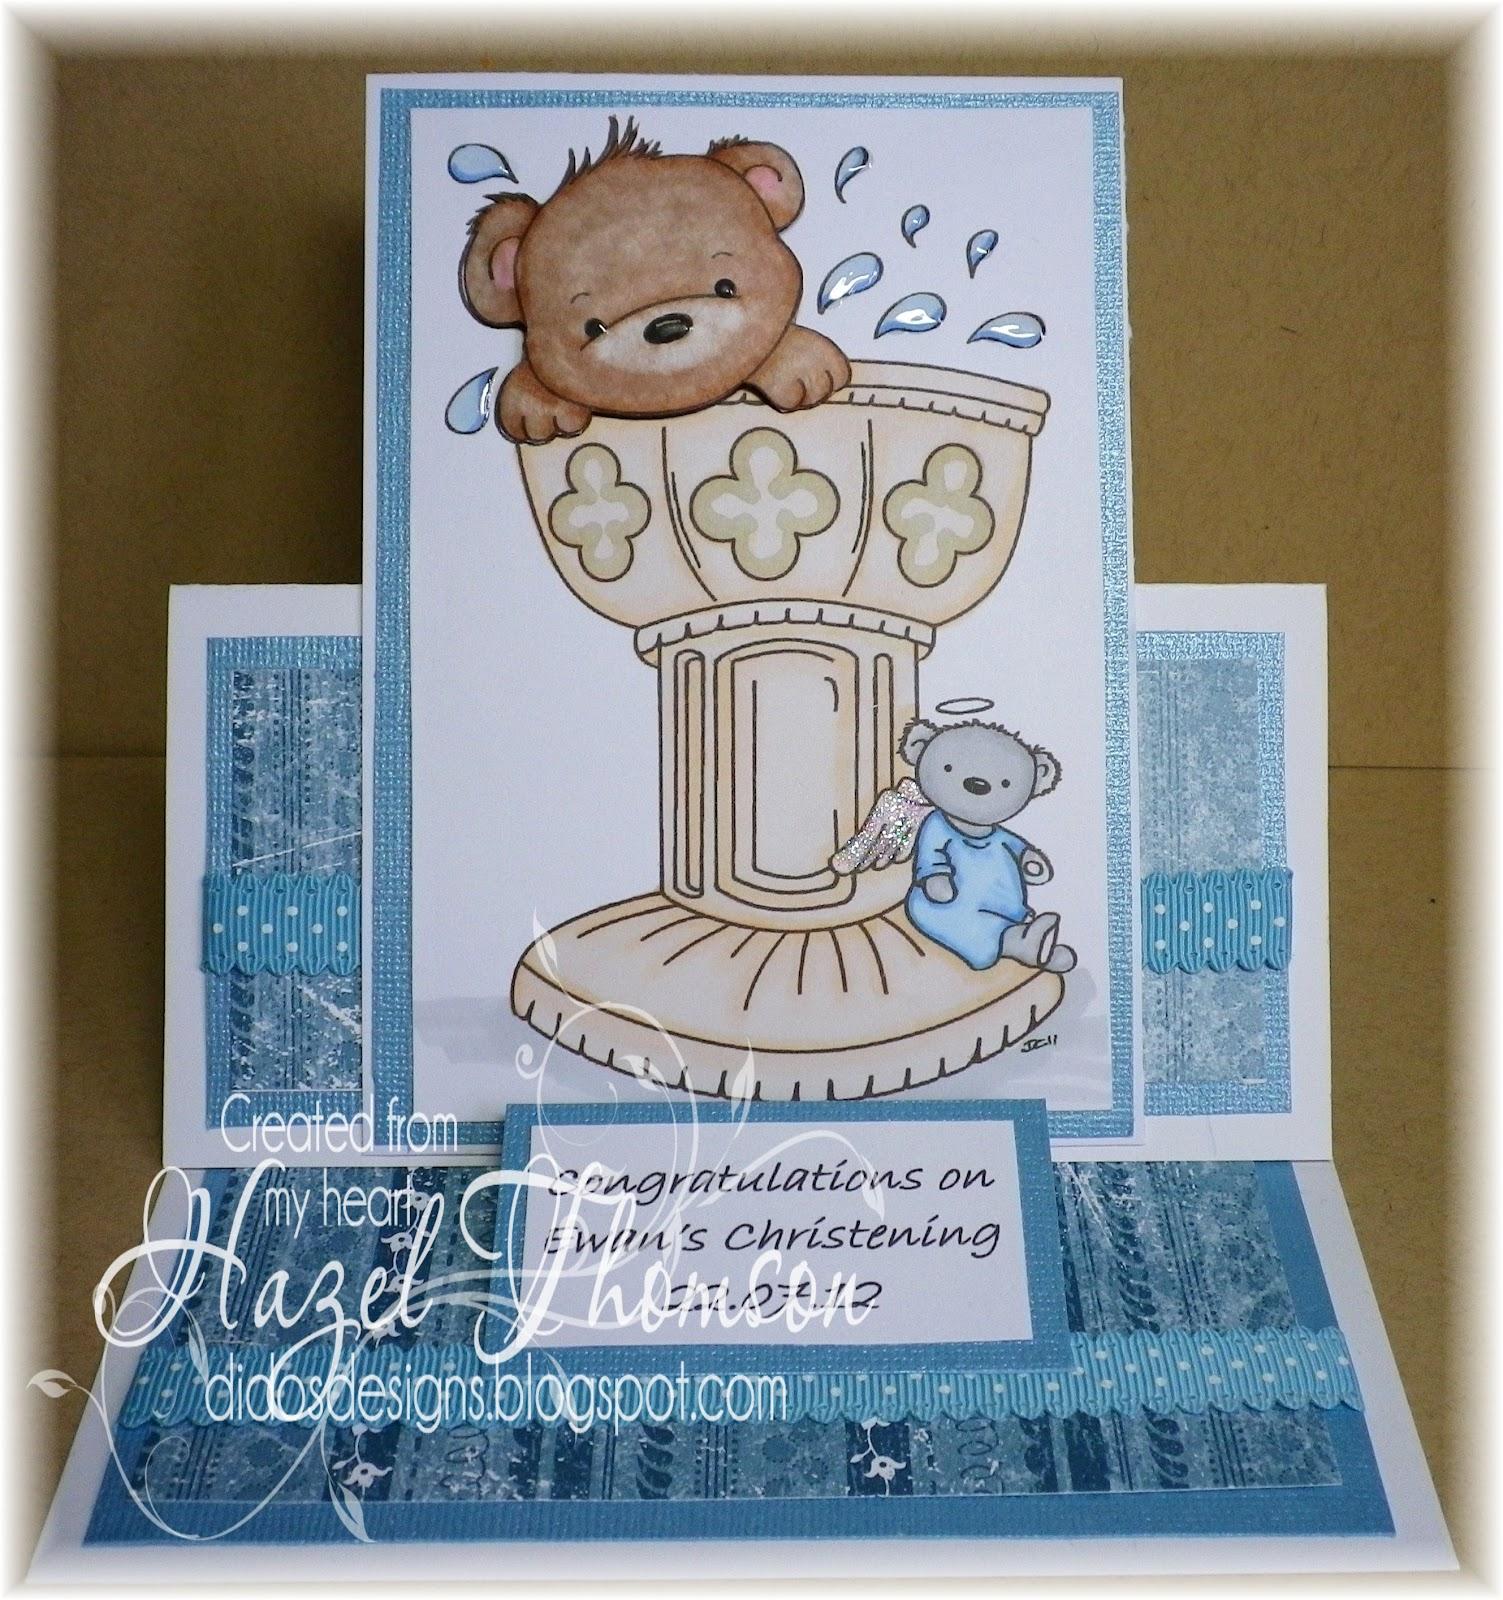 http://4.bp.blogspot.com/-ixmleNYj6hM/UAP1Q8DJtmI/AAAAAAAAHkk/NkaukdBXZY0/s1600/Cards+By+Dido\'s+Designs+003.JPG